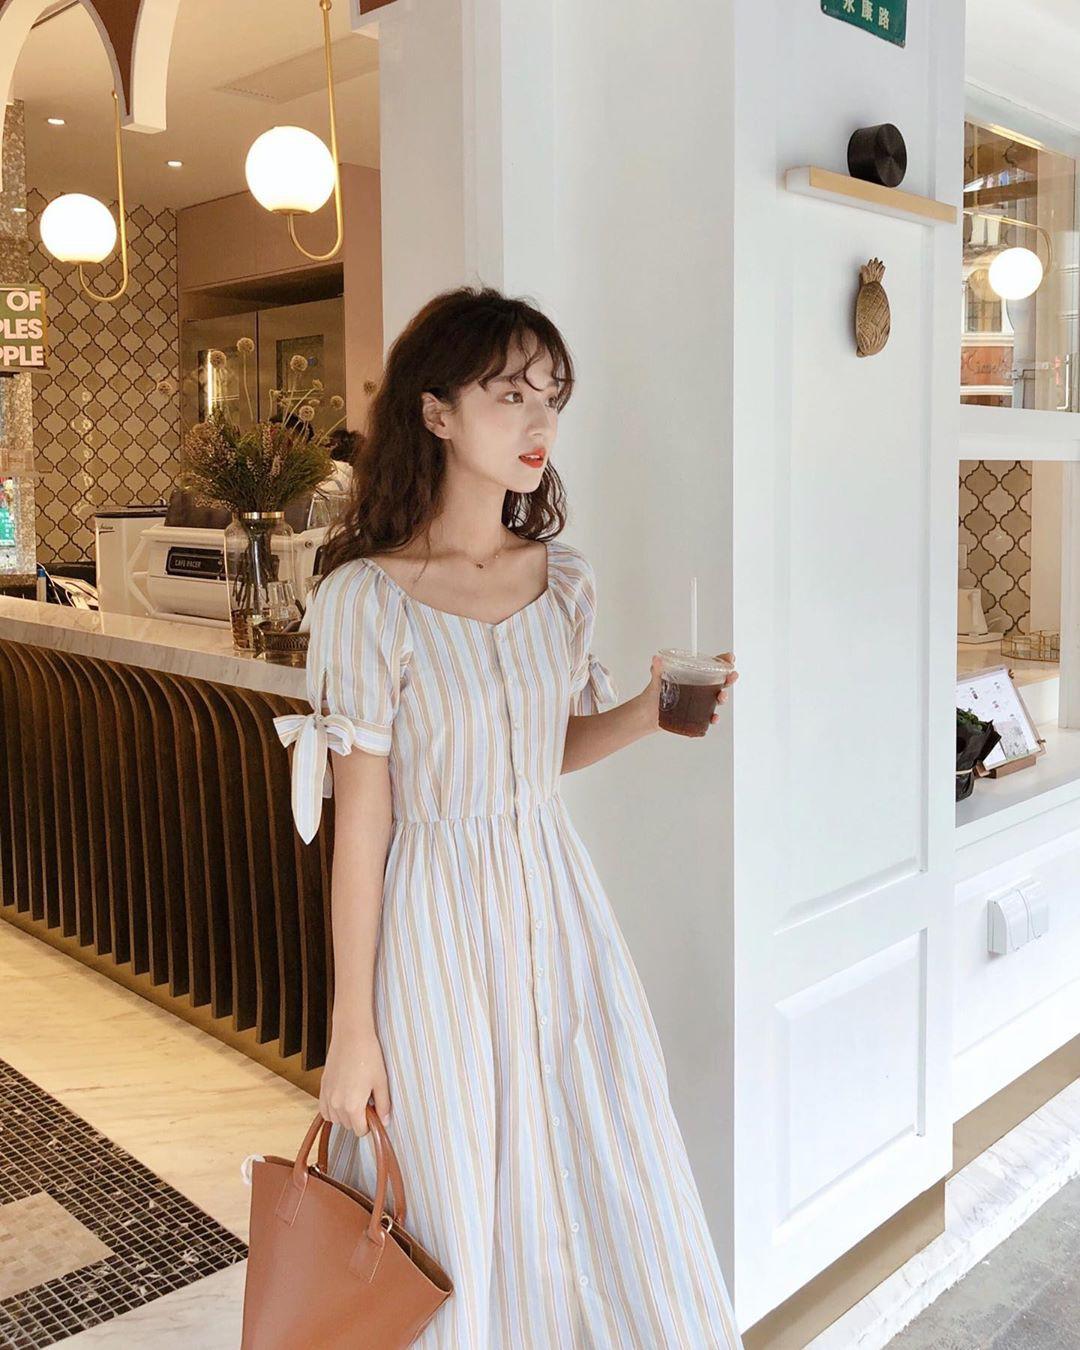 Nô nức diện váy thô mùa hè cho mát, muốn mặc đẹp hãy tham khảo 15 bộ đồ từ street style Châu Á này - Ảnh 11.